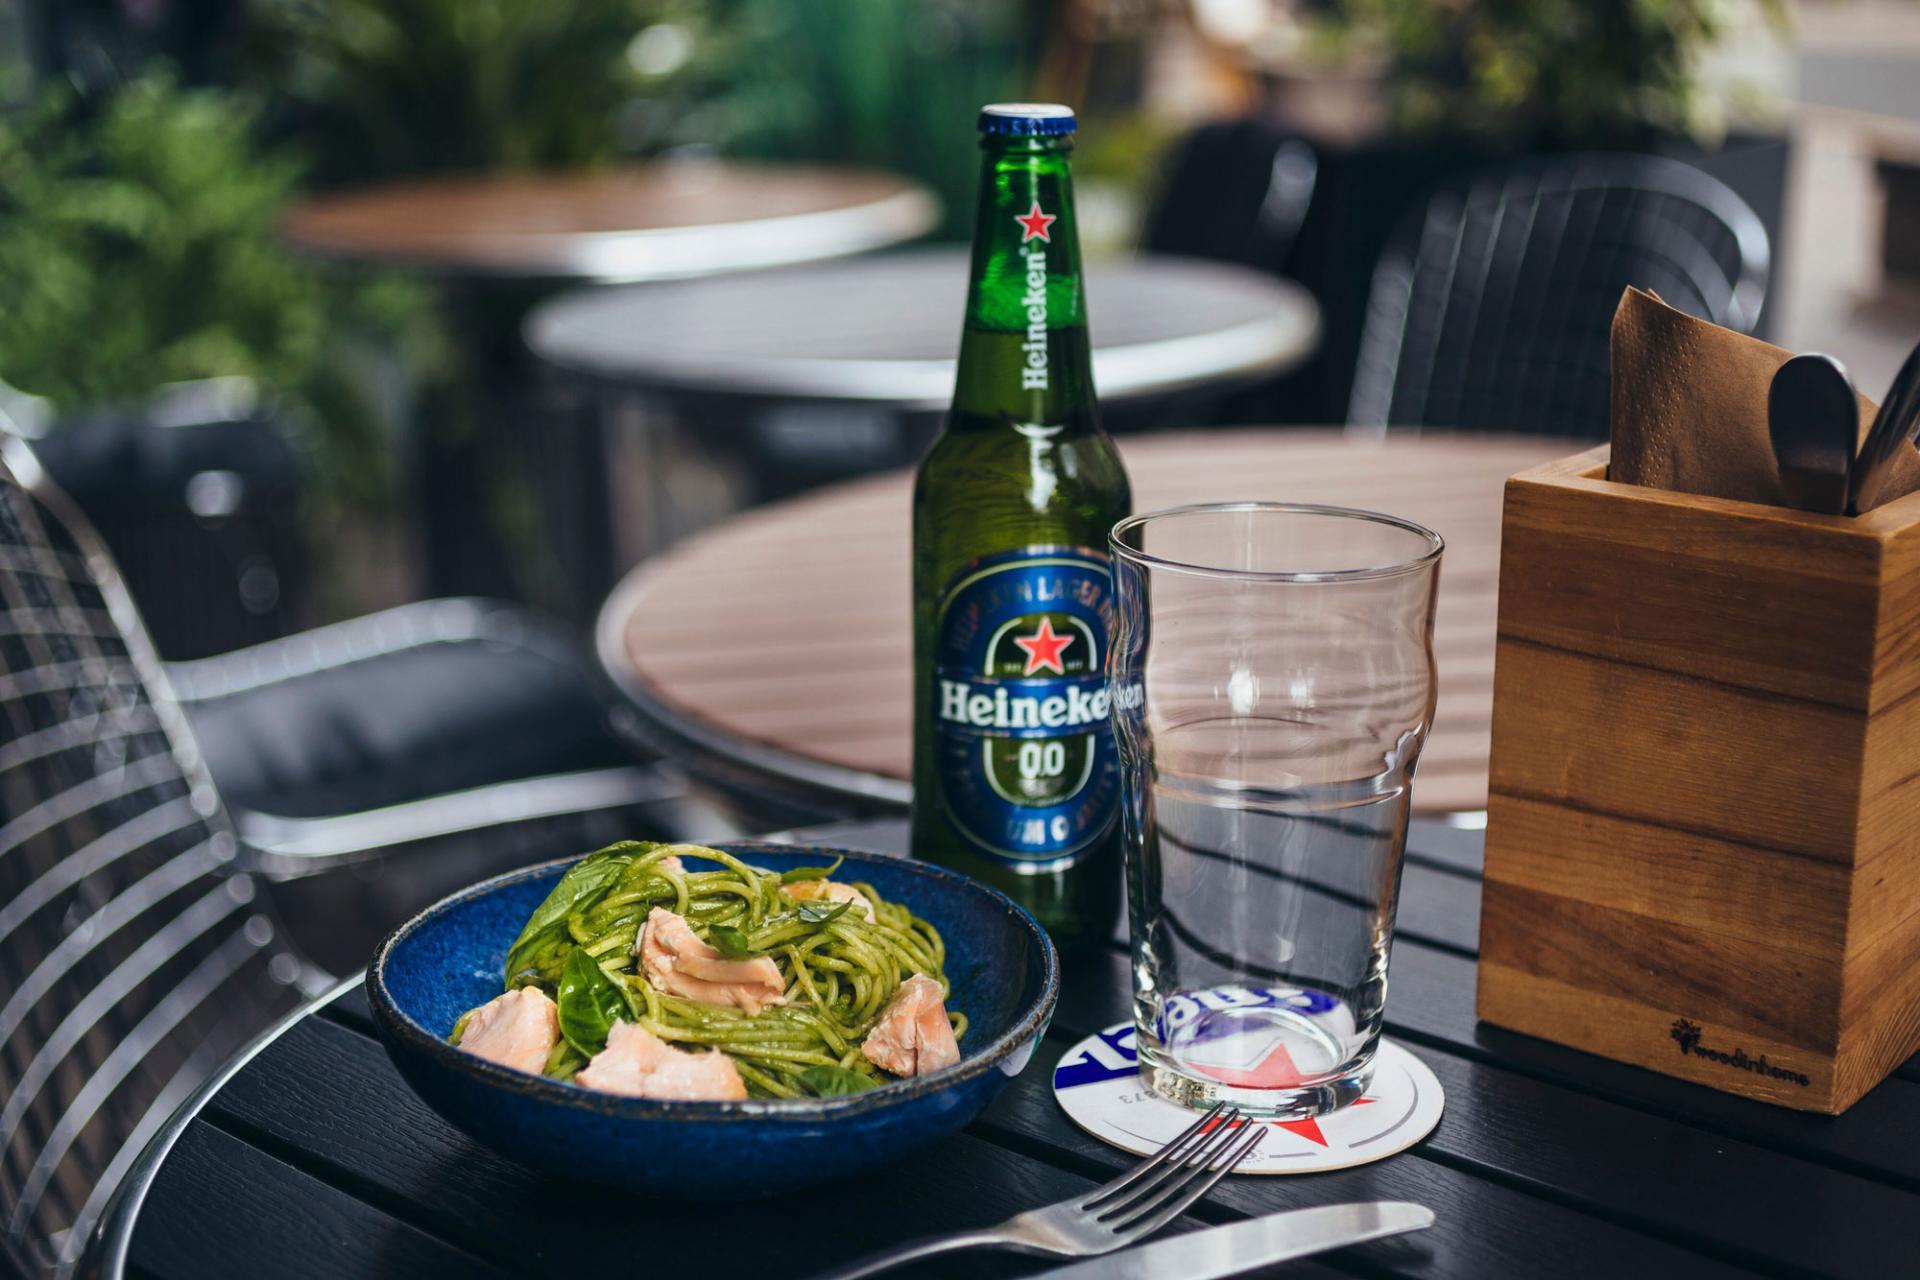 Heineken 0.0 иВиталий Истомин представляют рецепты идеального ланча